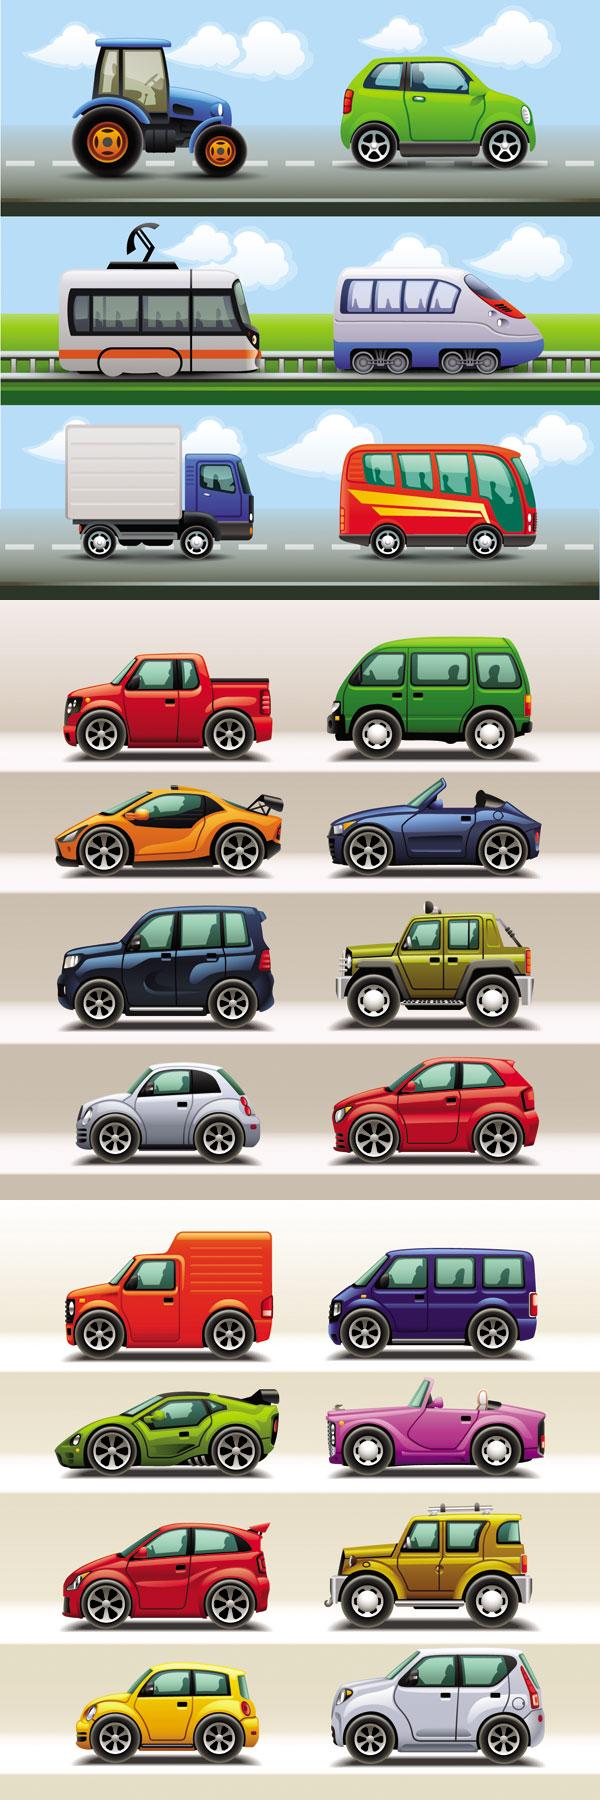 Cute cartoon car creative vector material